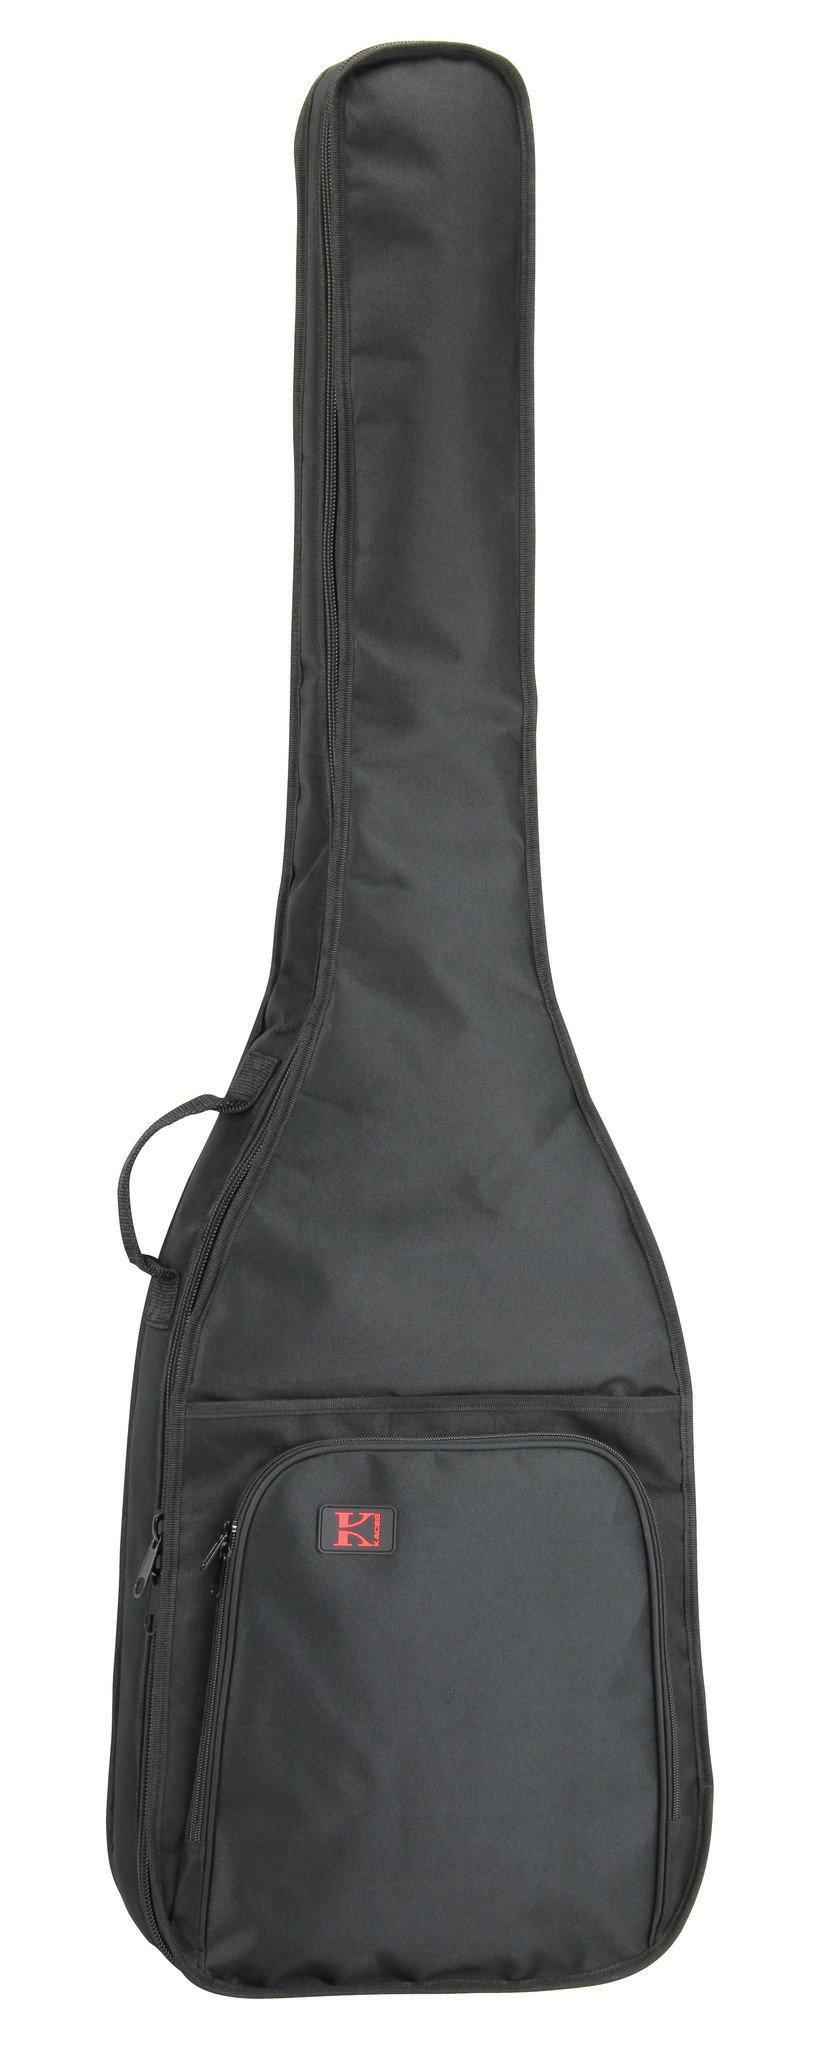 GigPak Electric Bass Guitar Bag